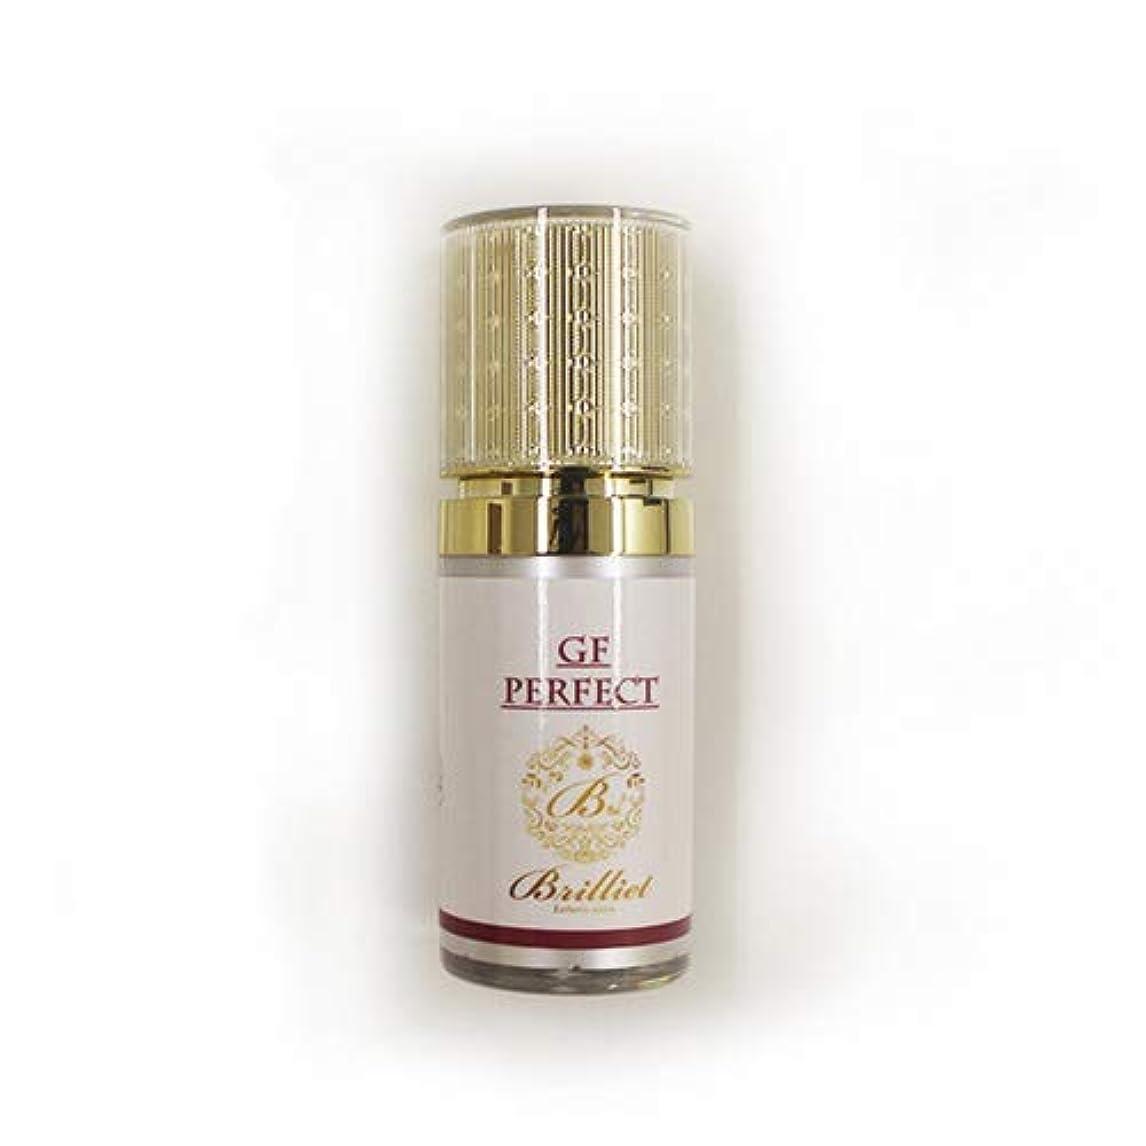 セールスマン蒸留する防衛GF PERFECT(ジーエフ パーフェクト)オリジナル美容液